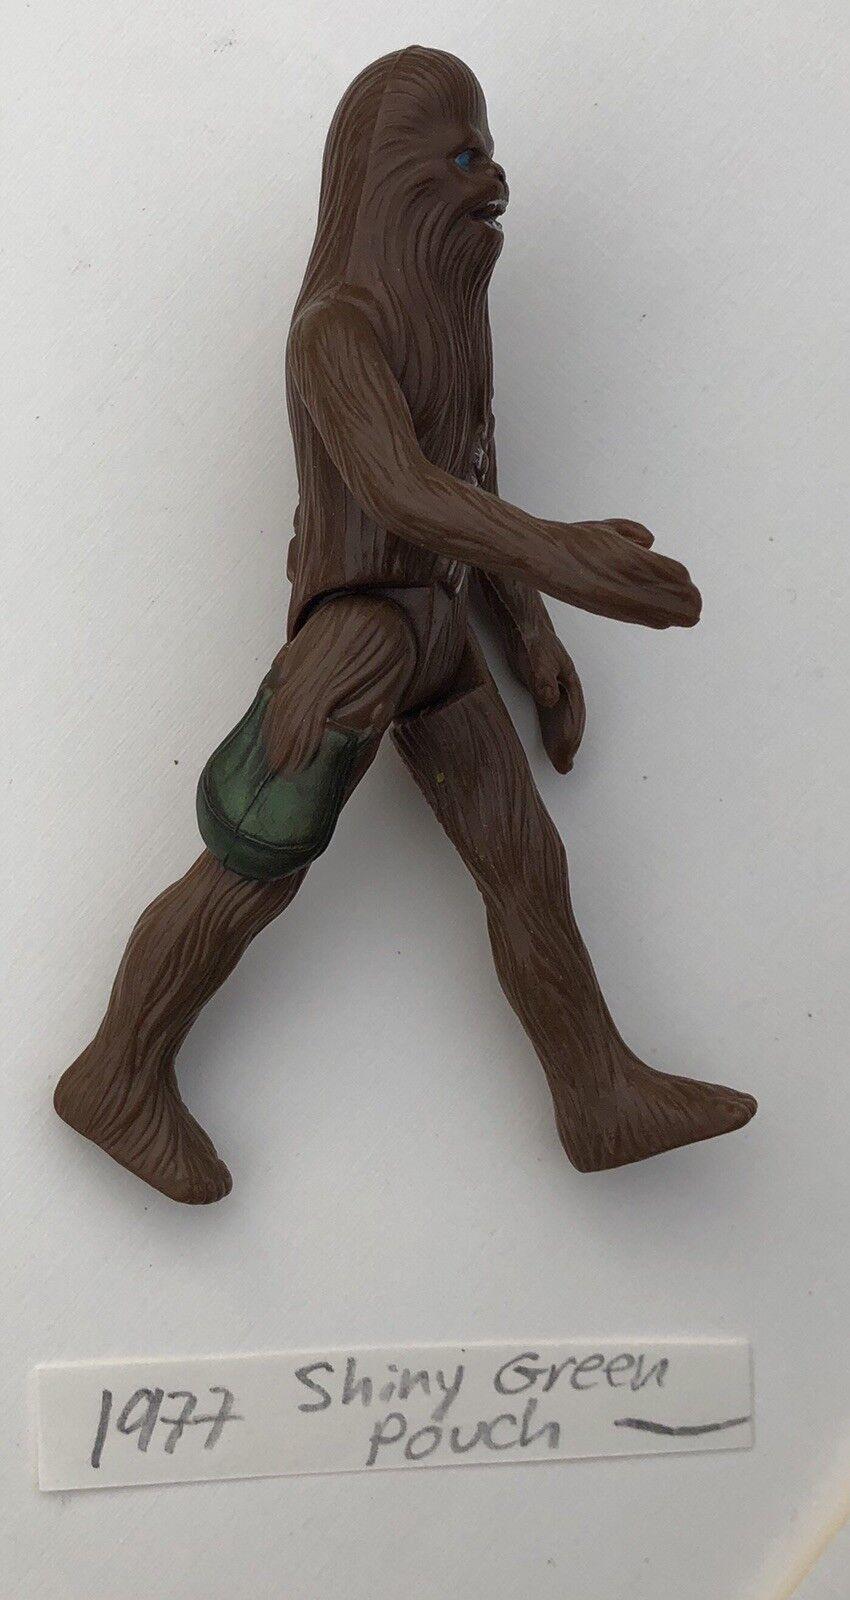 1977 - star - wars - chewbacca original kenner glänzend grünen beutel action - figur